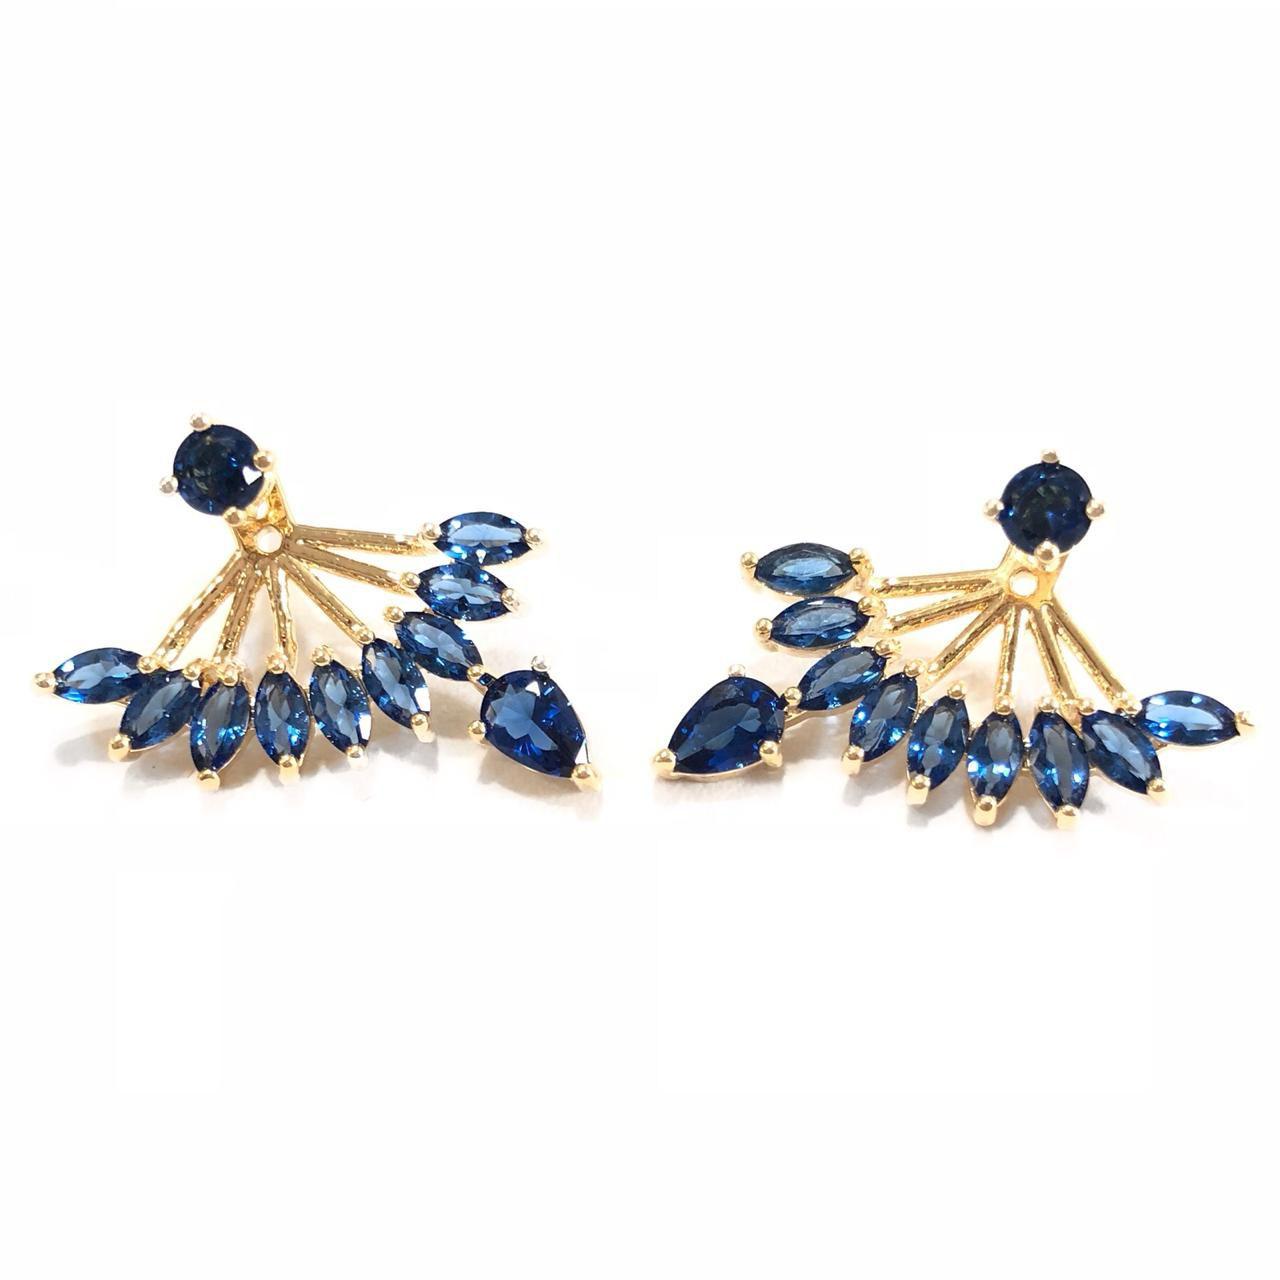 Brinco Ear Jacket Zircônias Navetes Azul Banho Em Ouro 18K